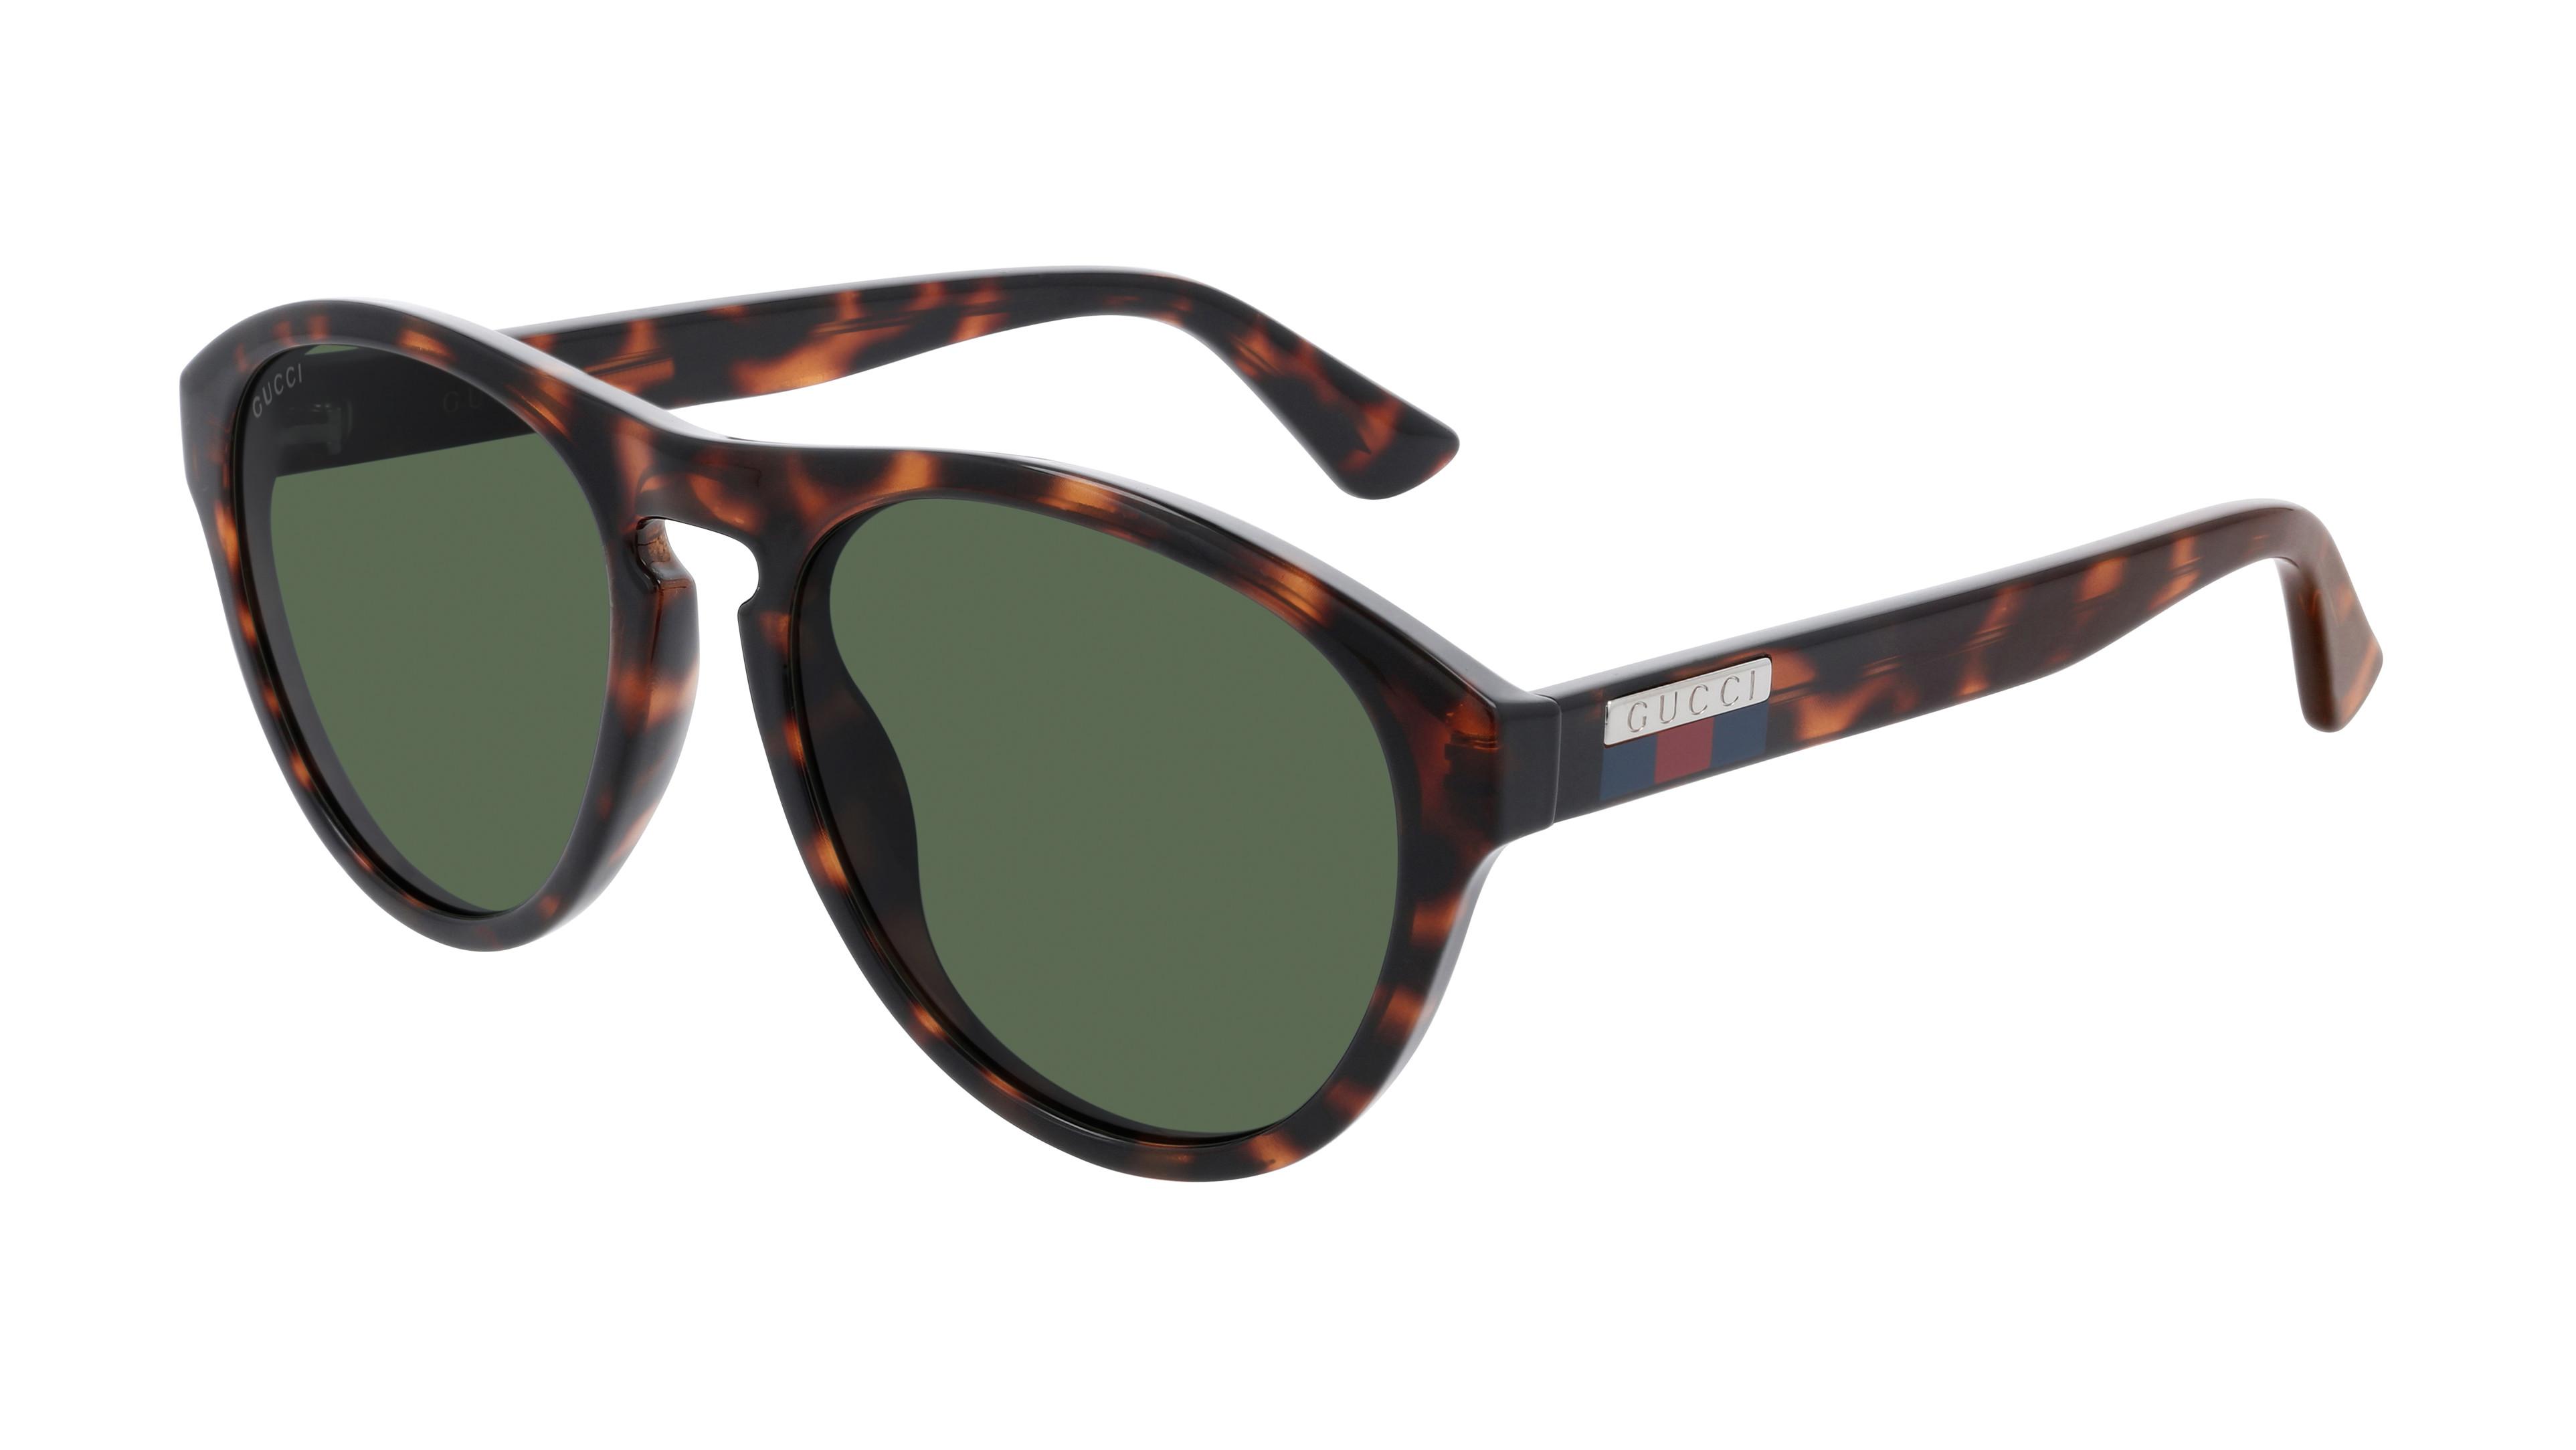 8056376321333-front-Gucci-Sunglasses-GG0747S_003